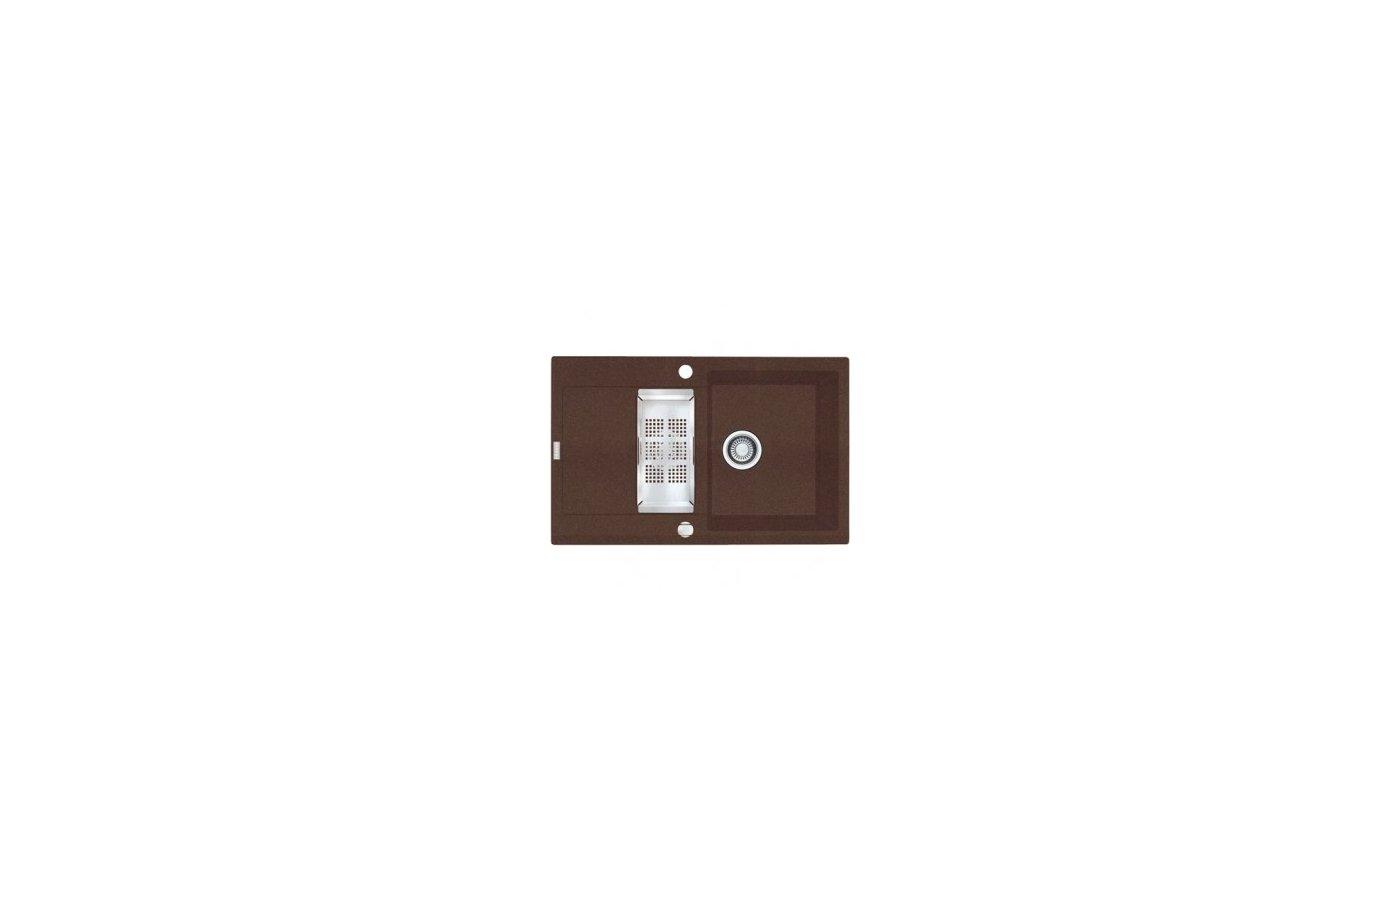 Кухонная мойка FRANKE MRG 651-78 шоколад